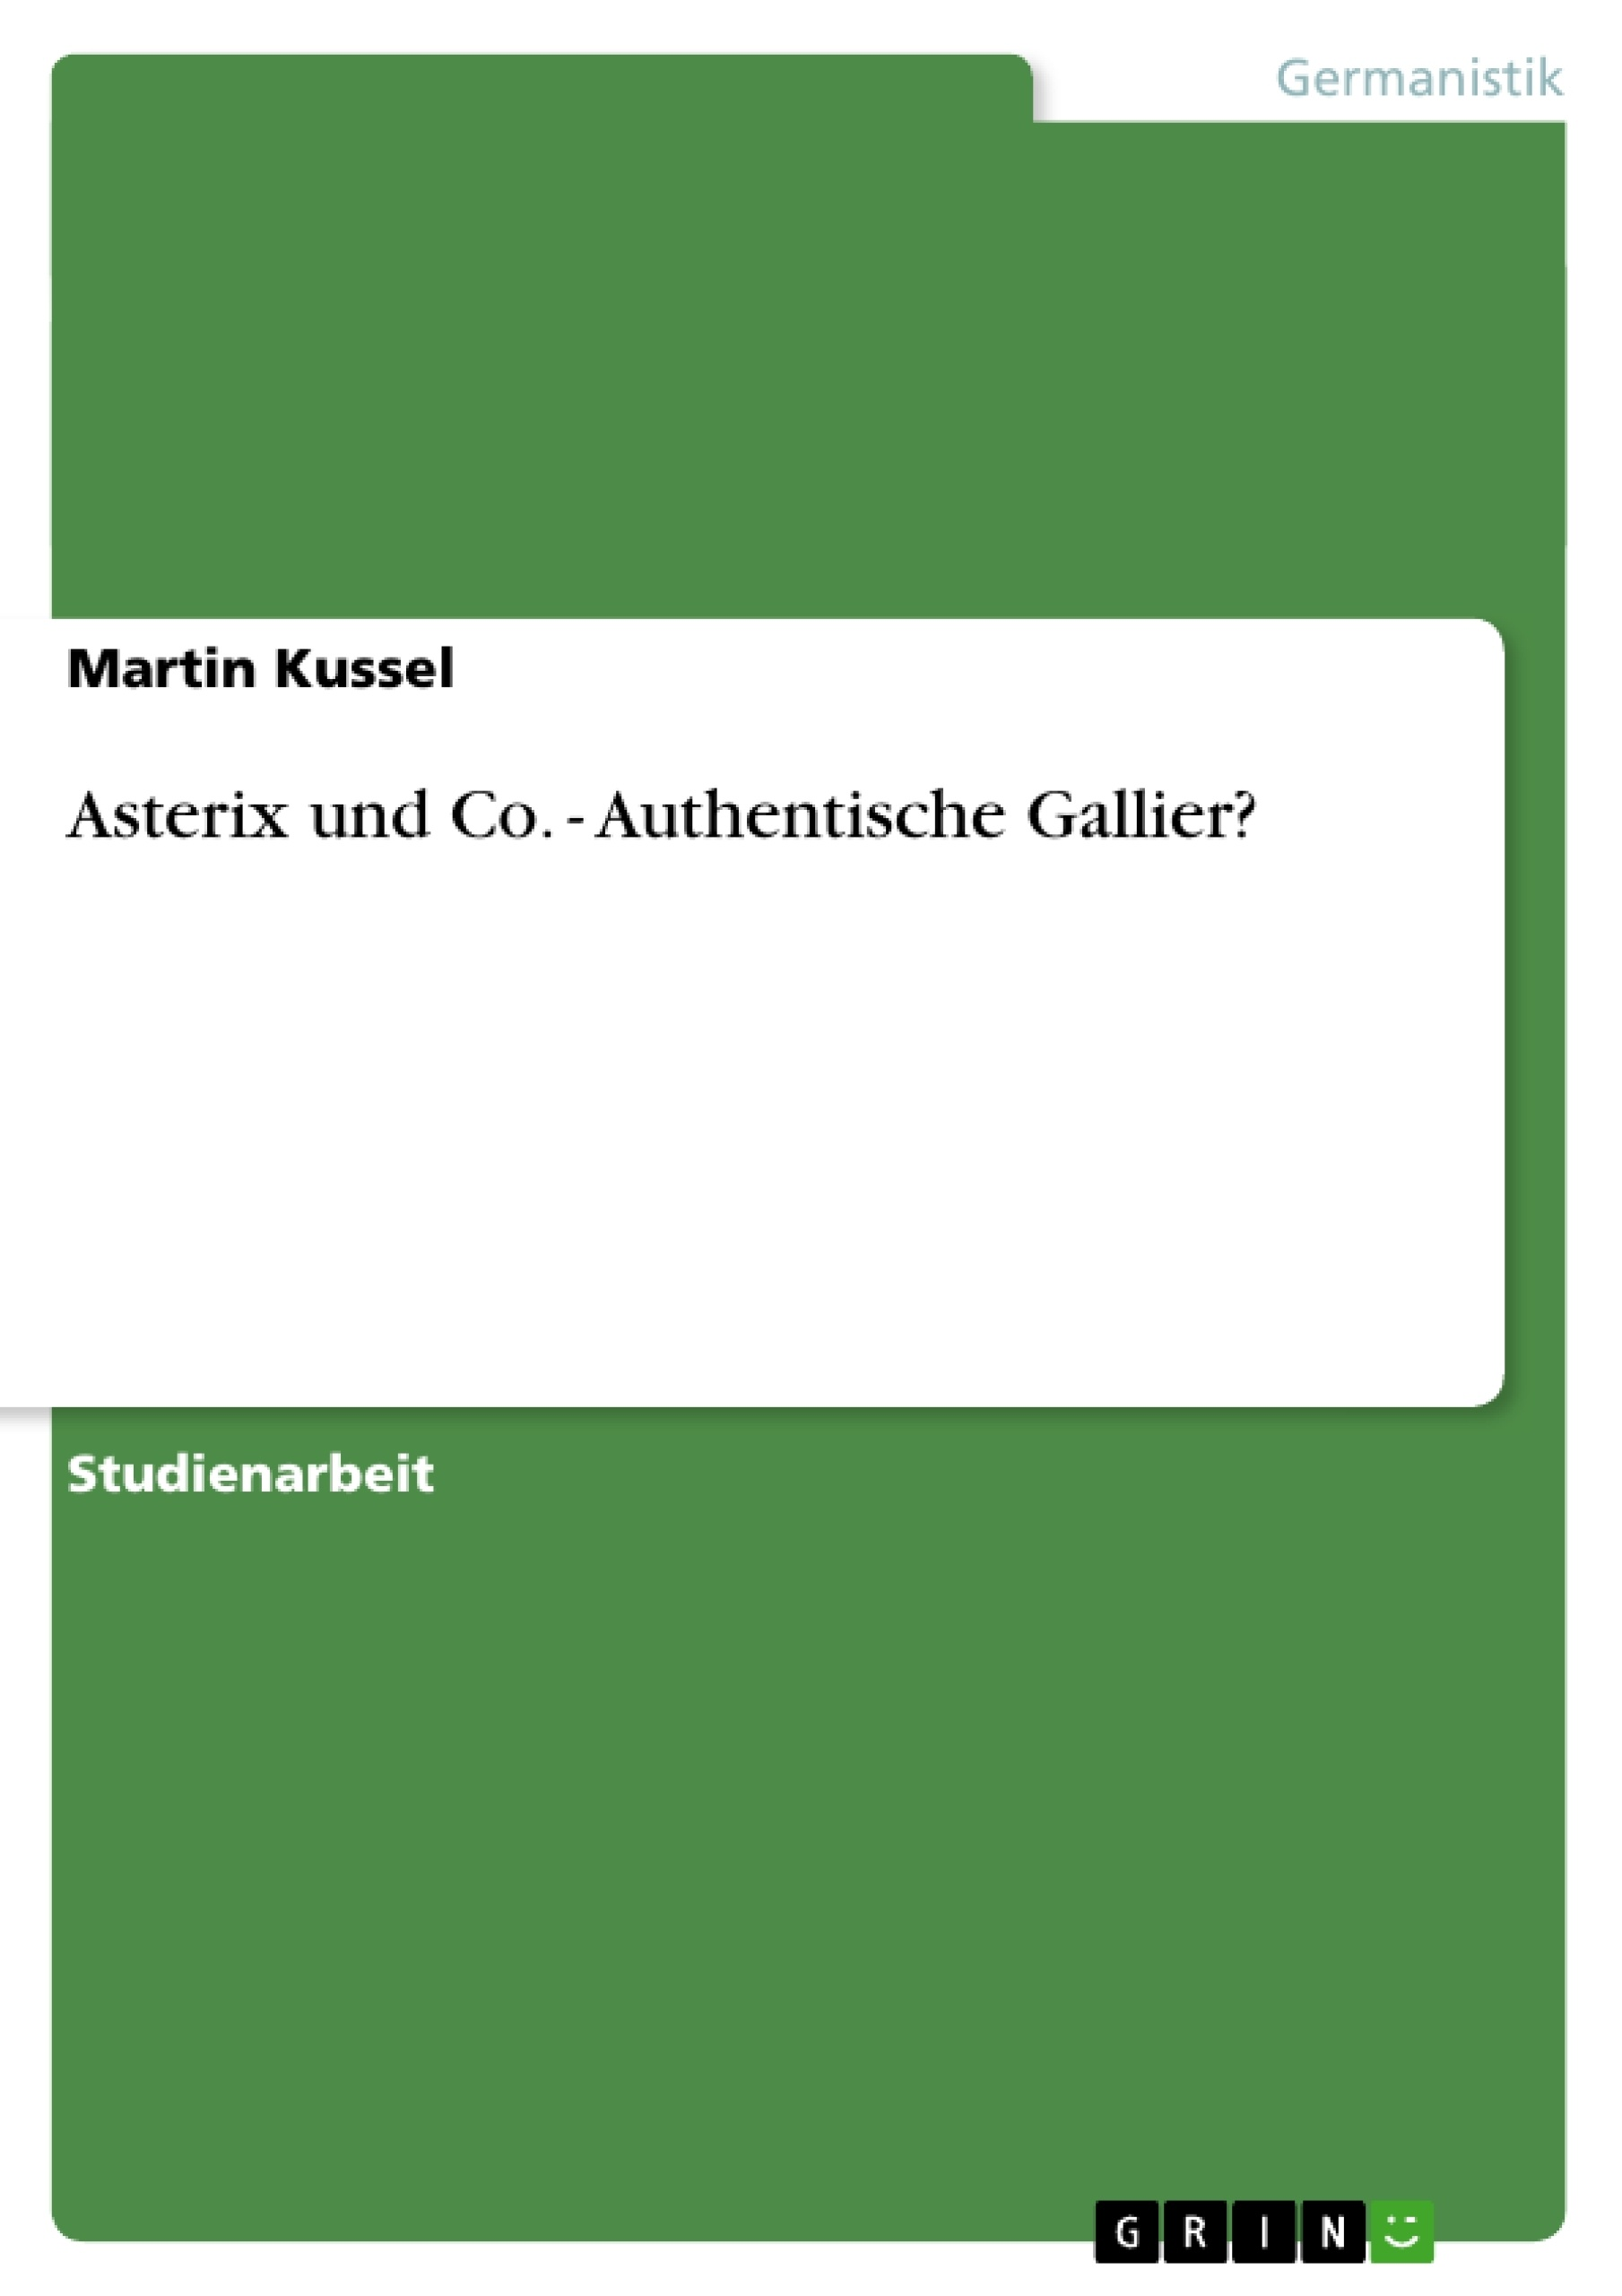 Titel: Asterix und Co. - Authentische Gallier?